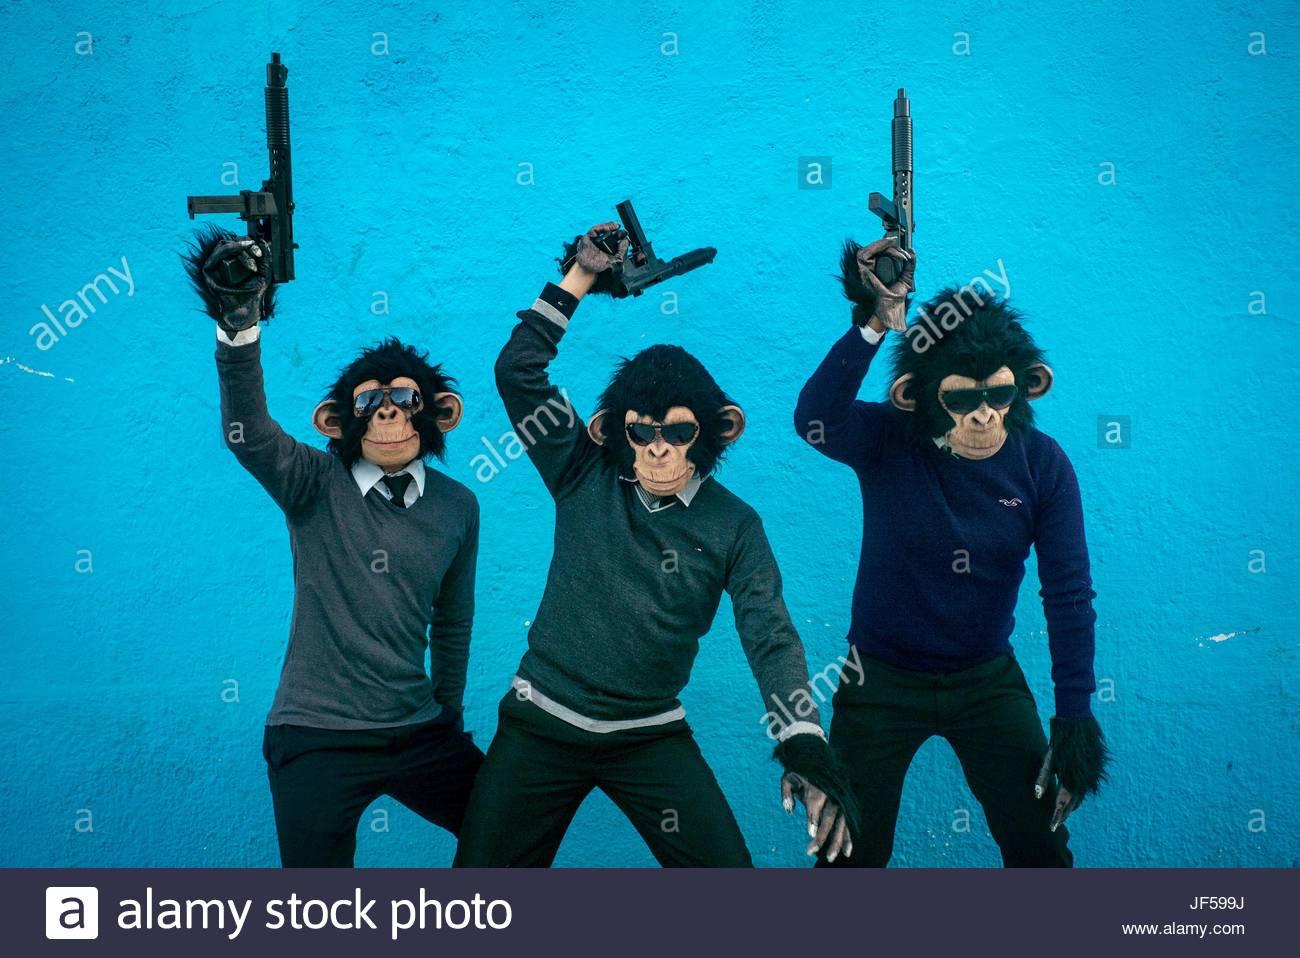 Los participantes vestían trajes mono chimpancé, blandir pistolas de juguetes durante una celebración Imagen De Stock